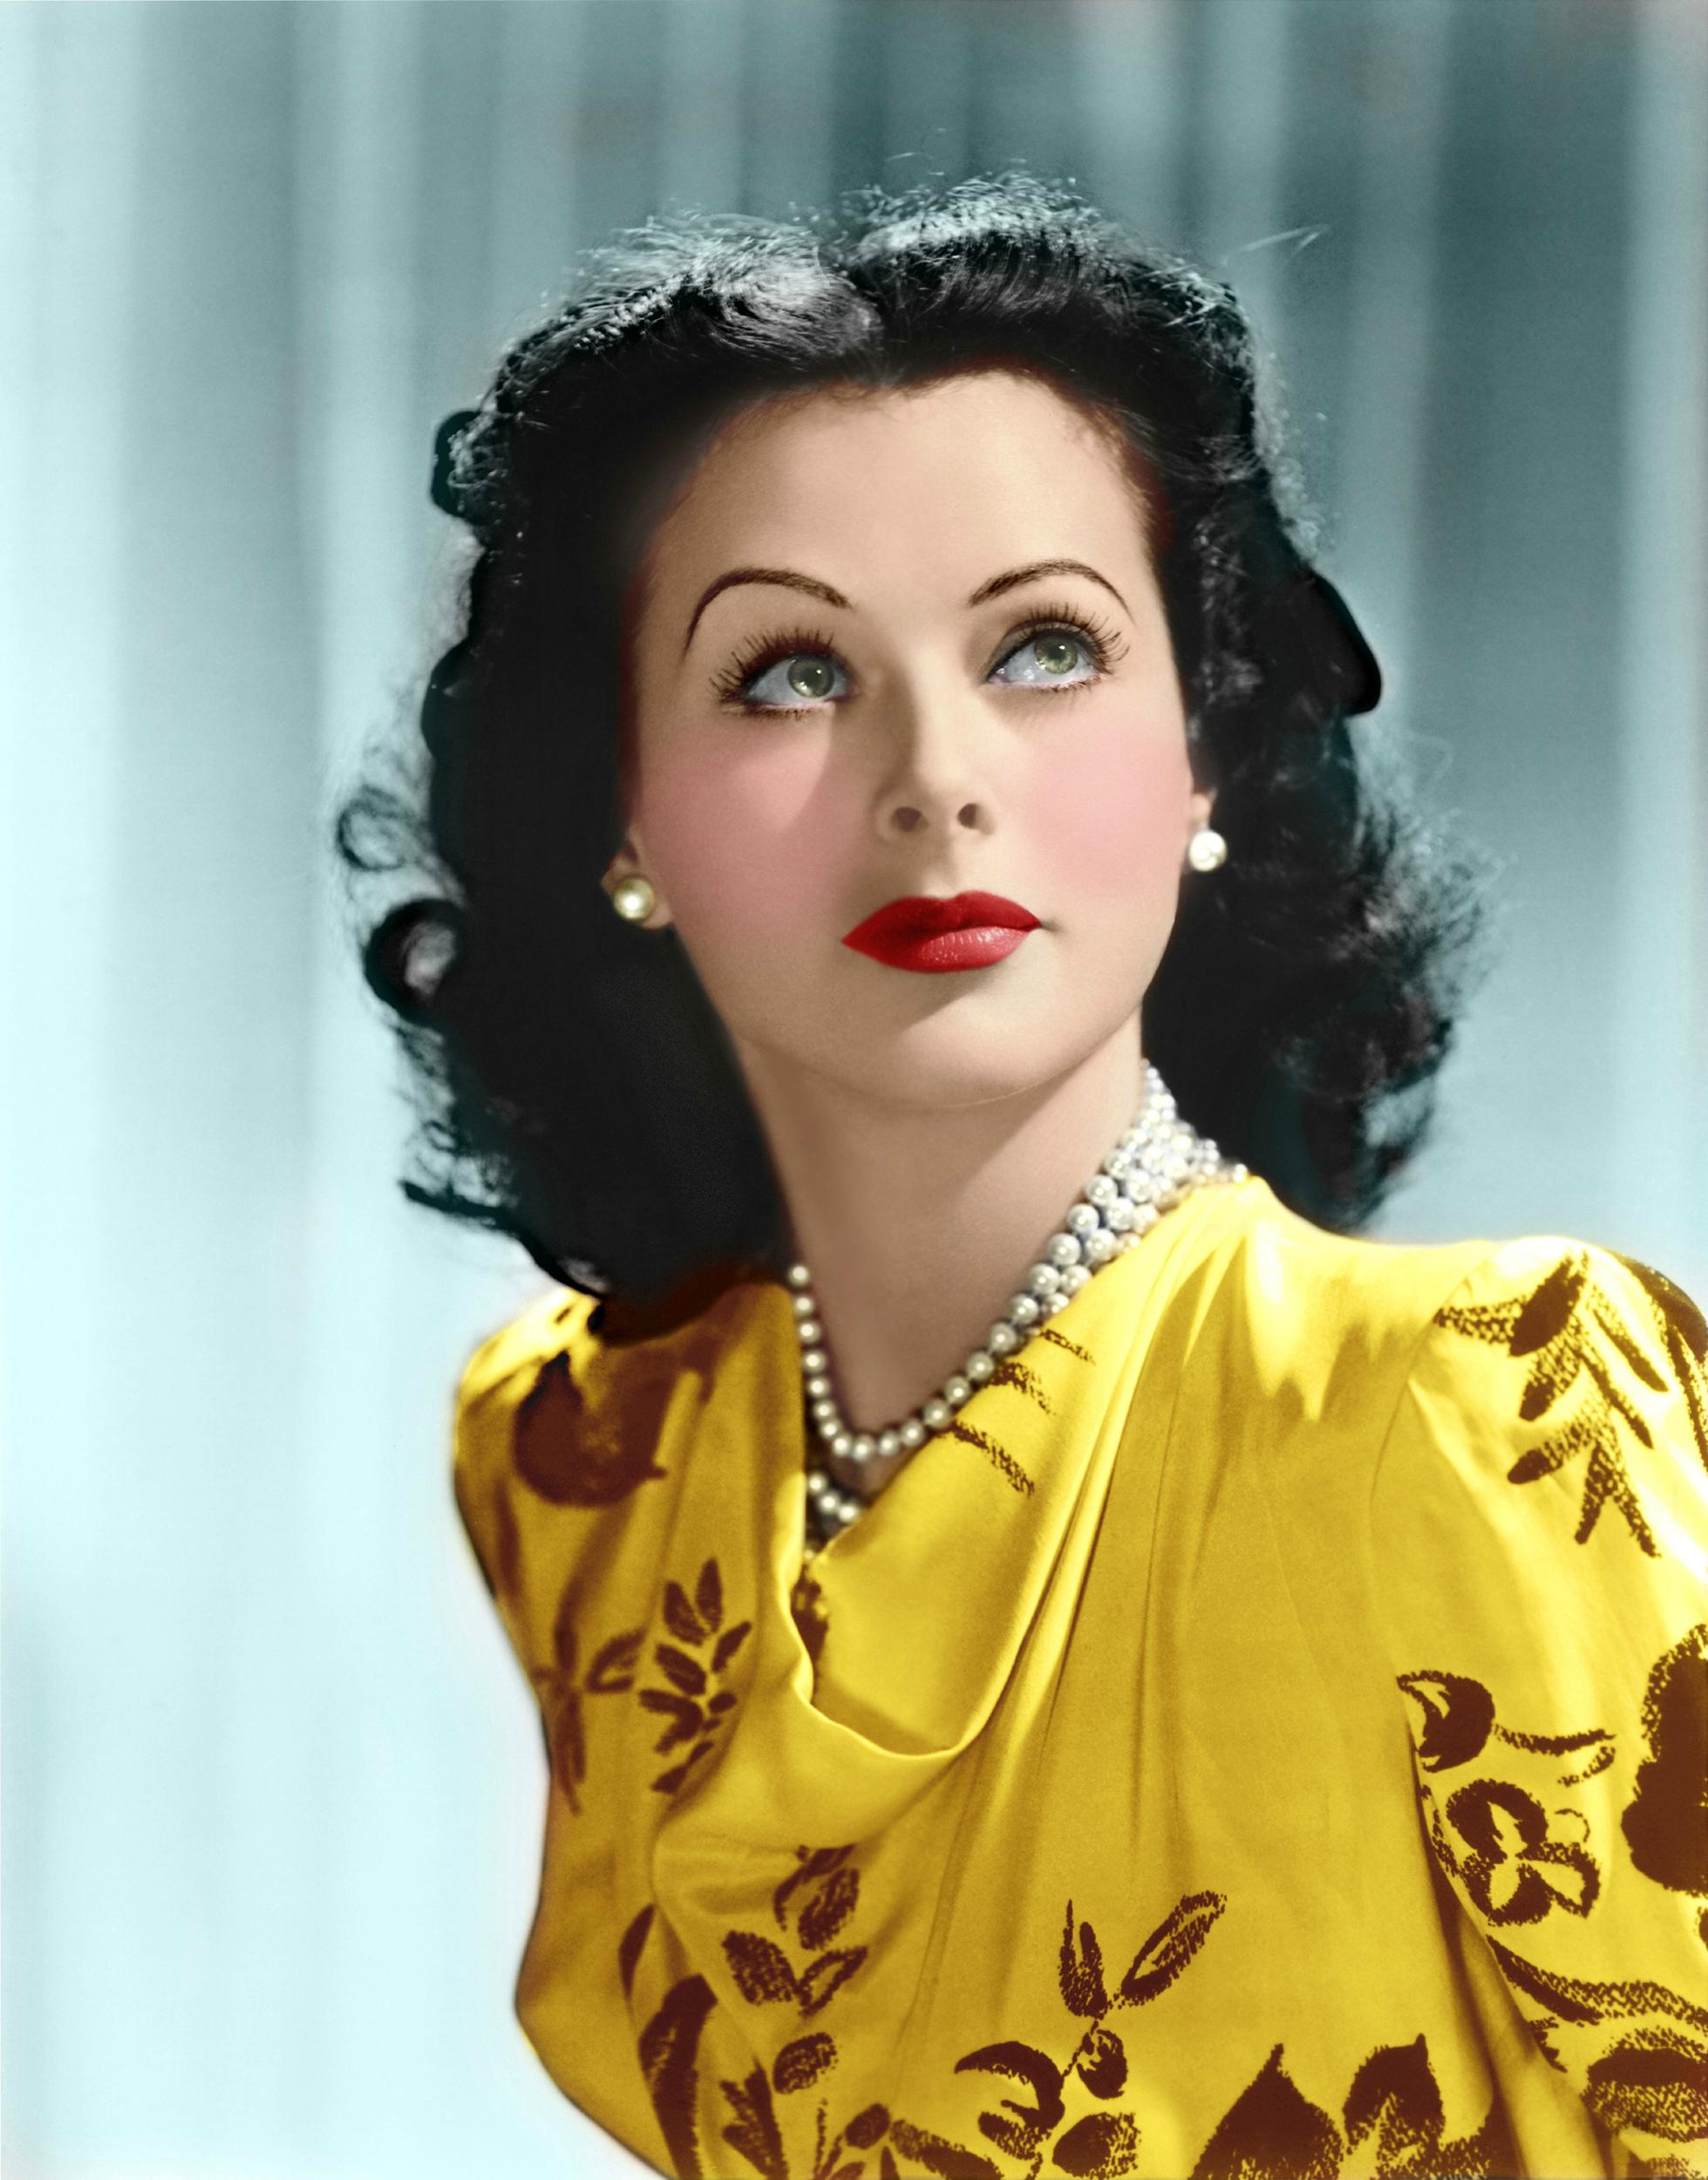 Paper Tabloid Model: Hedy Lamarr - Wallpaper